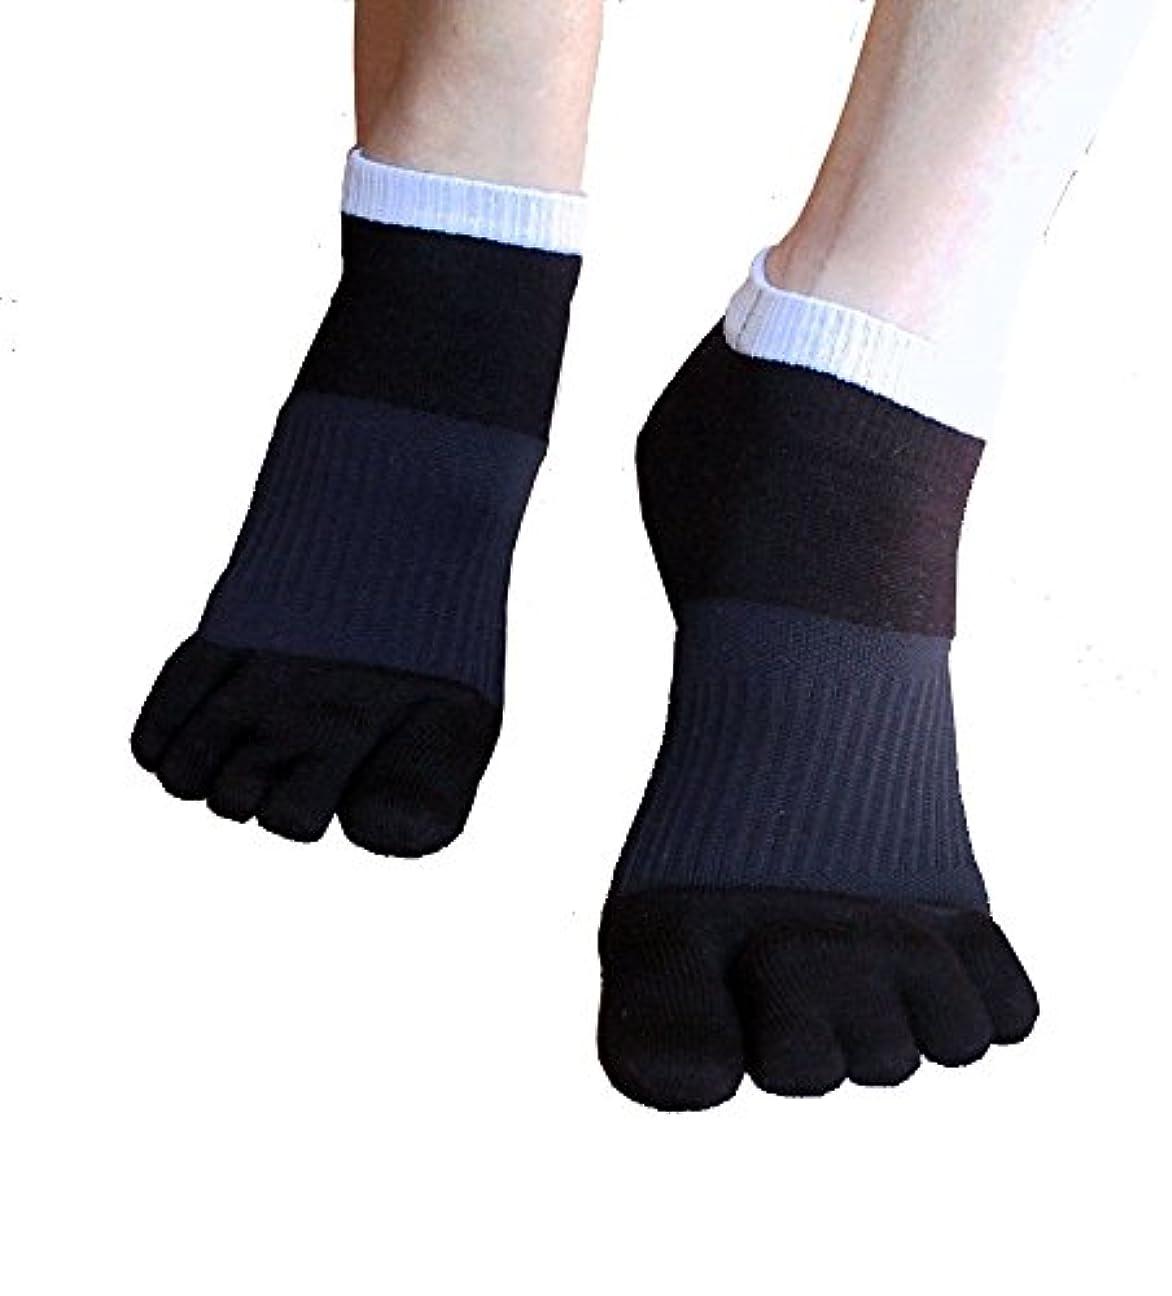 プロフィール軍モンク外反母趾対策 ふしぎな5本指テーピング靴下 スニーカータイプ 22-24cm?ブラック(色は2色、サイズは3サイズ)